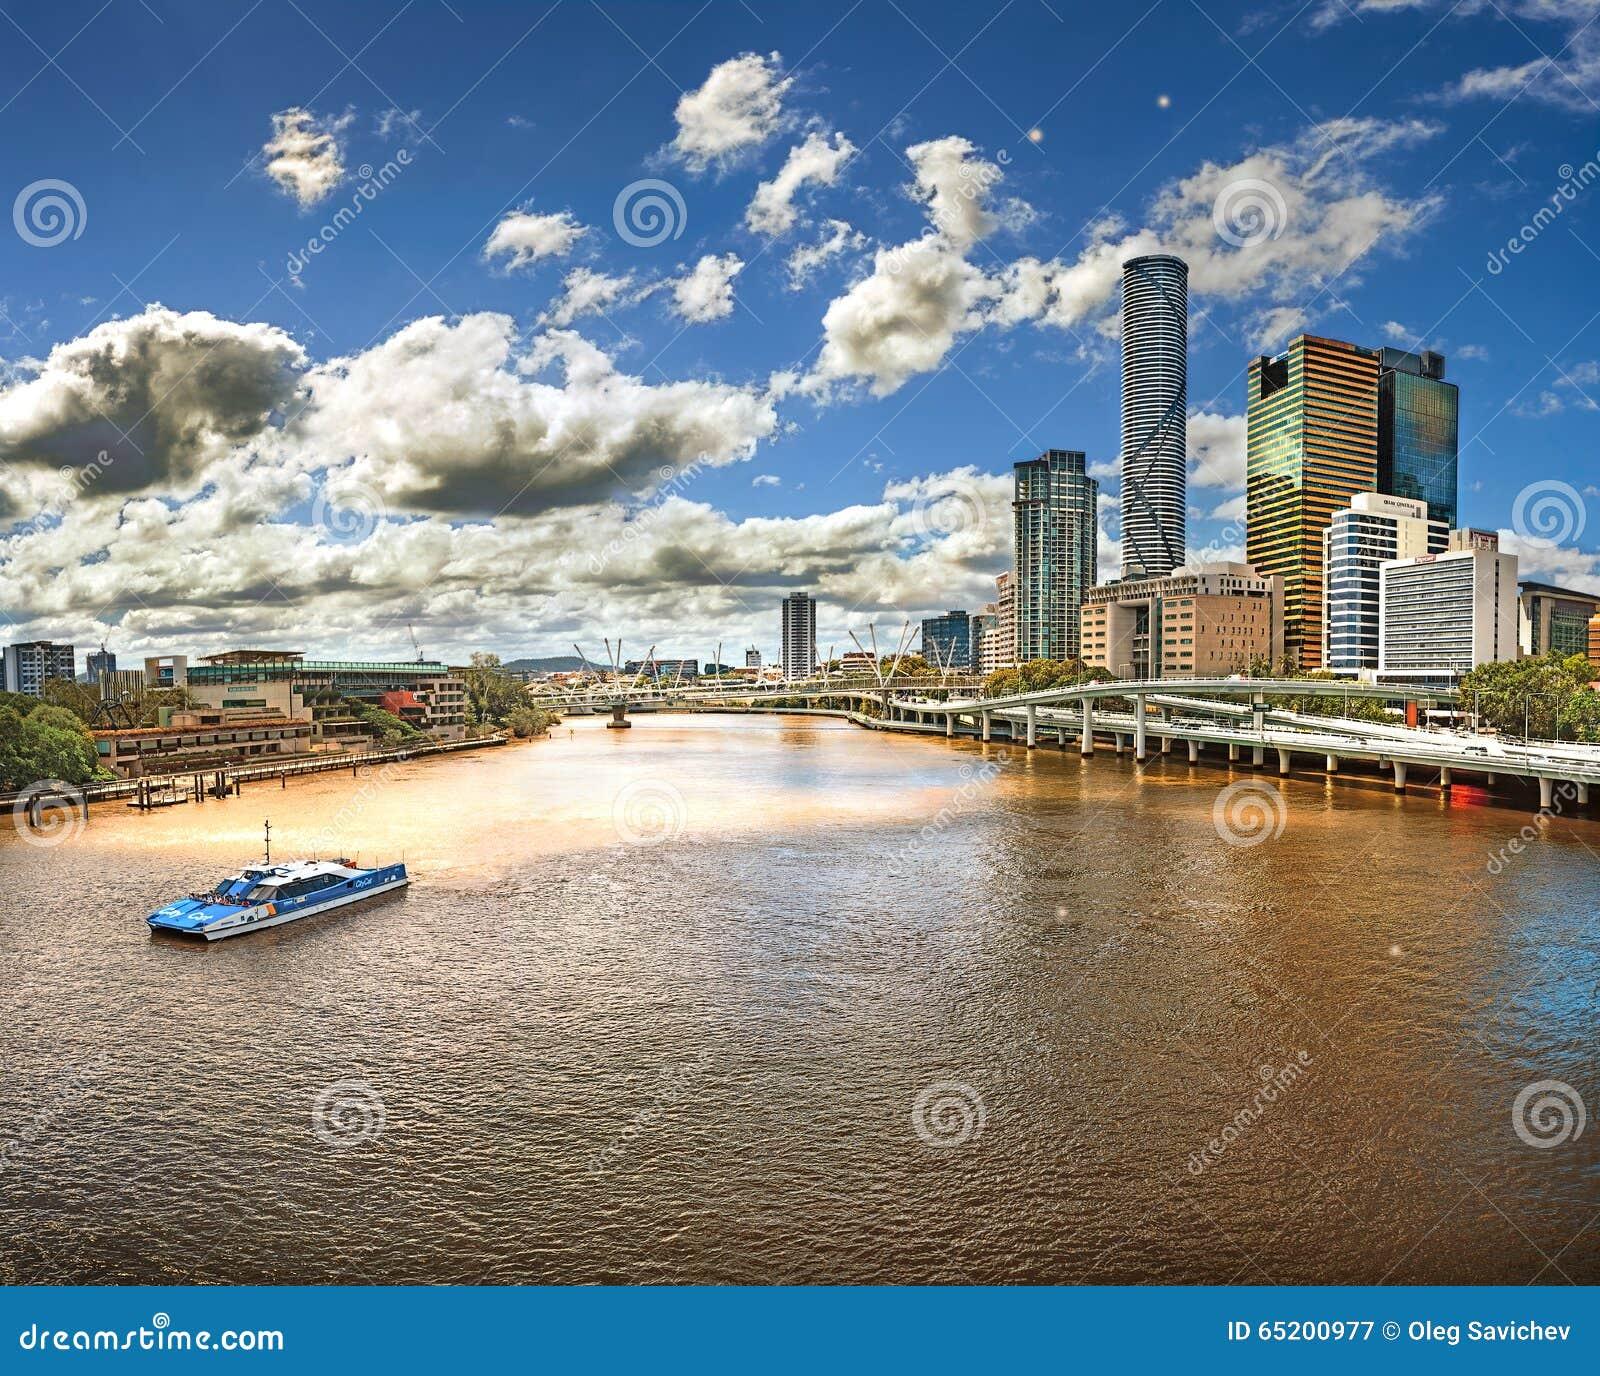 Vue du pont au-dessus de la rivière Brisbane (Australie, Brisbane) avec des vues des gratte-ciel de la ville